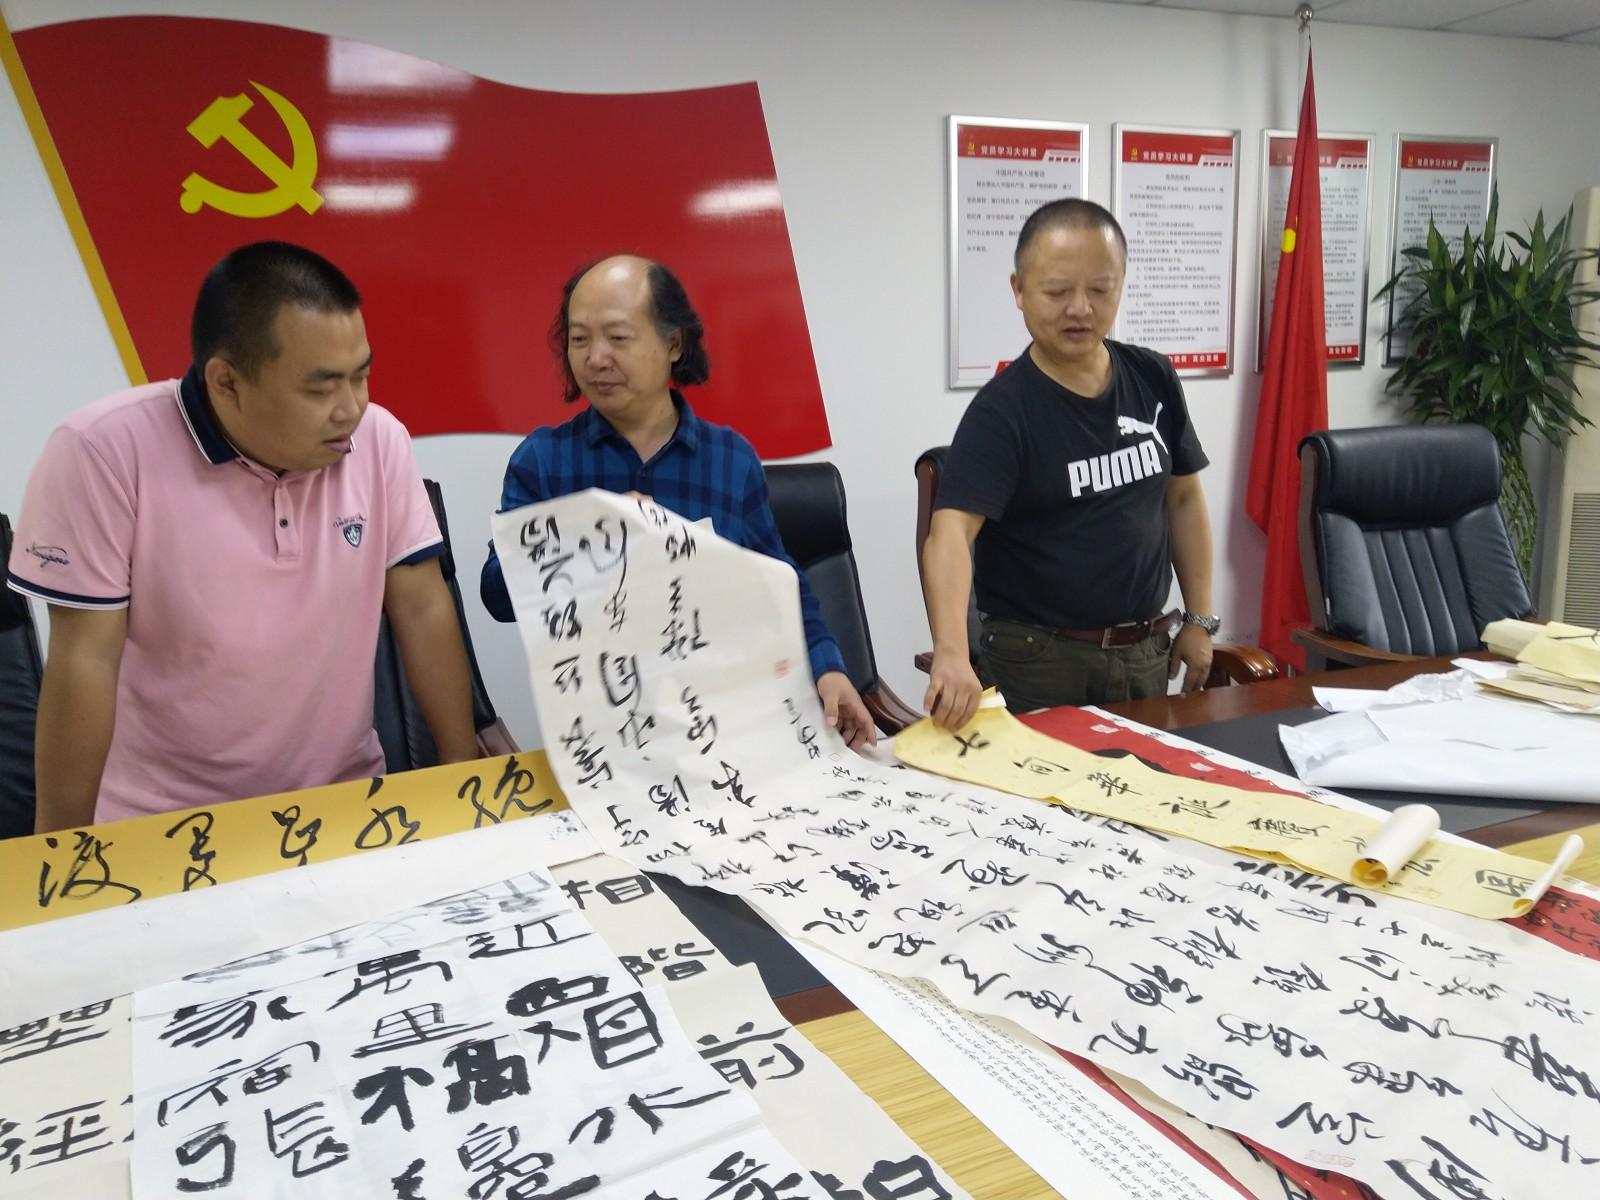 何晓巍出任武侯区庆祝中华人民共和国成立70周年书画展评委 –